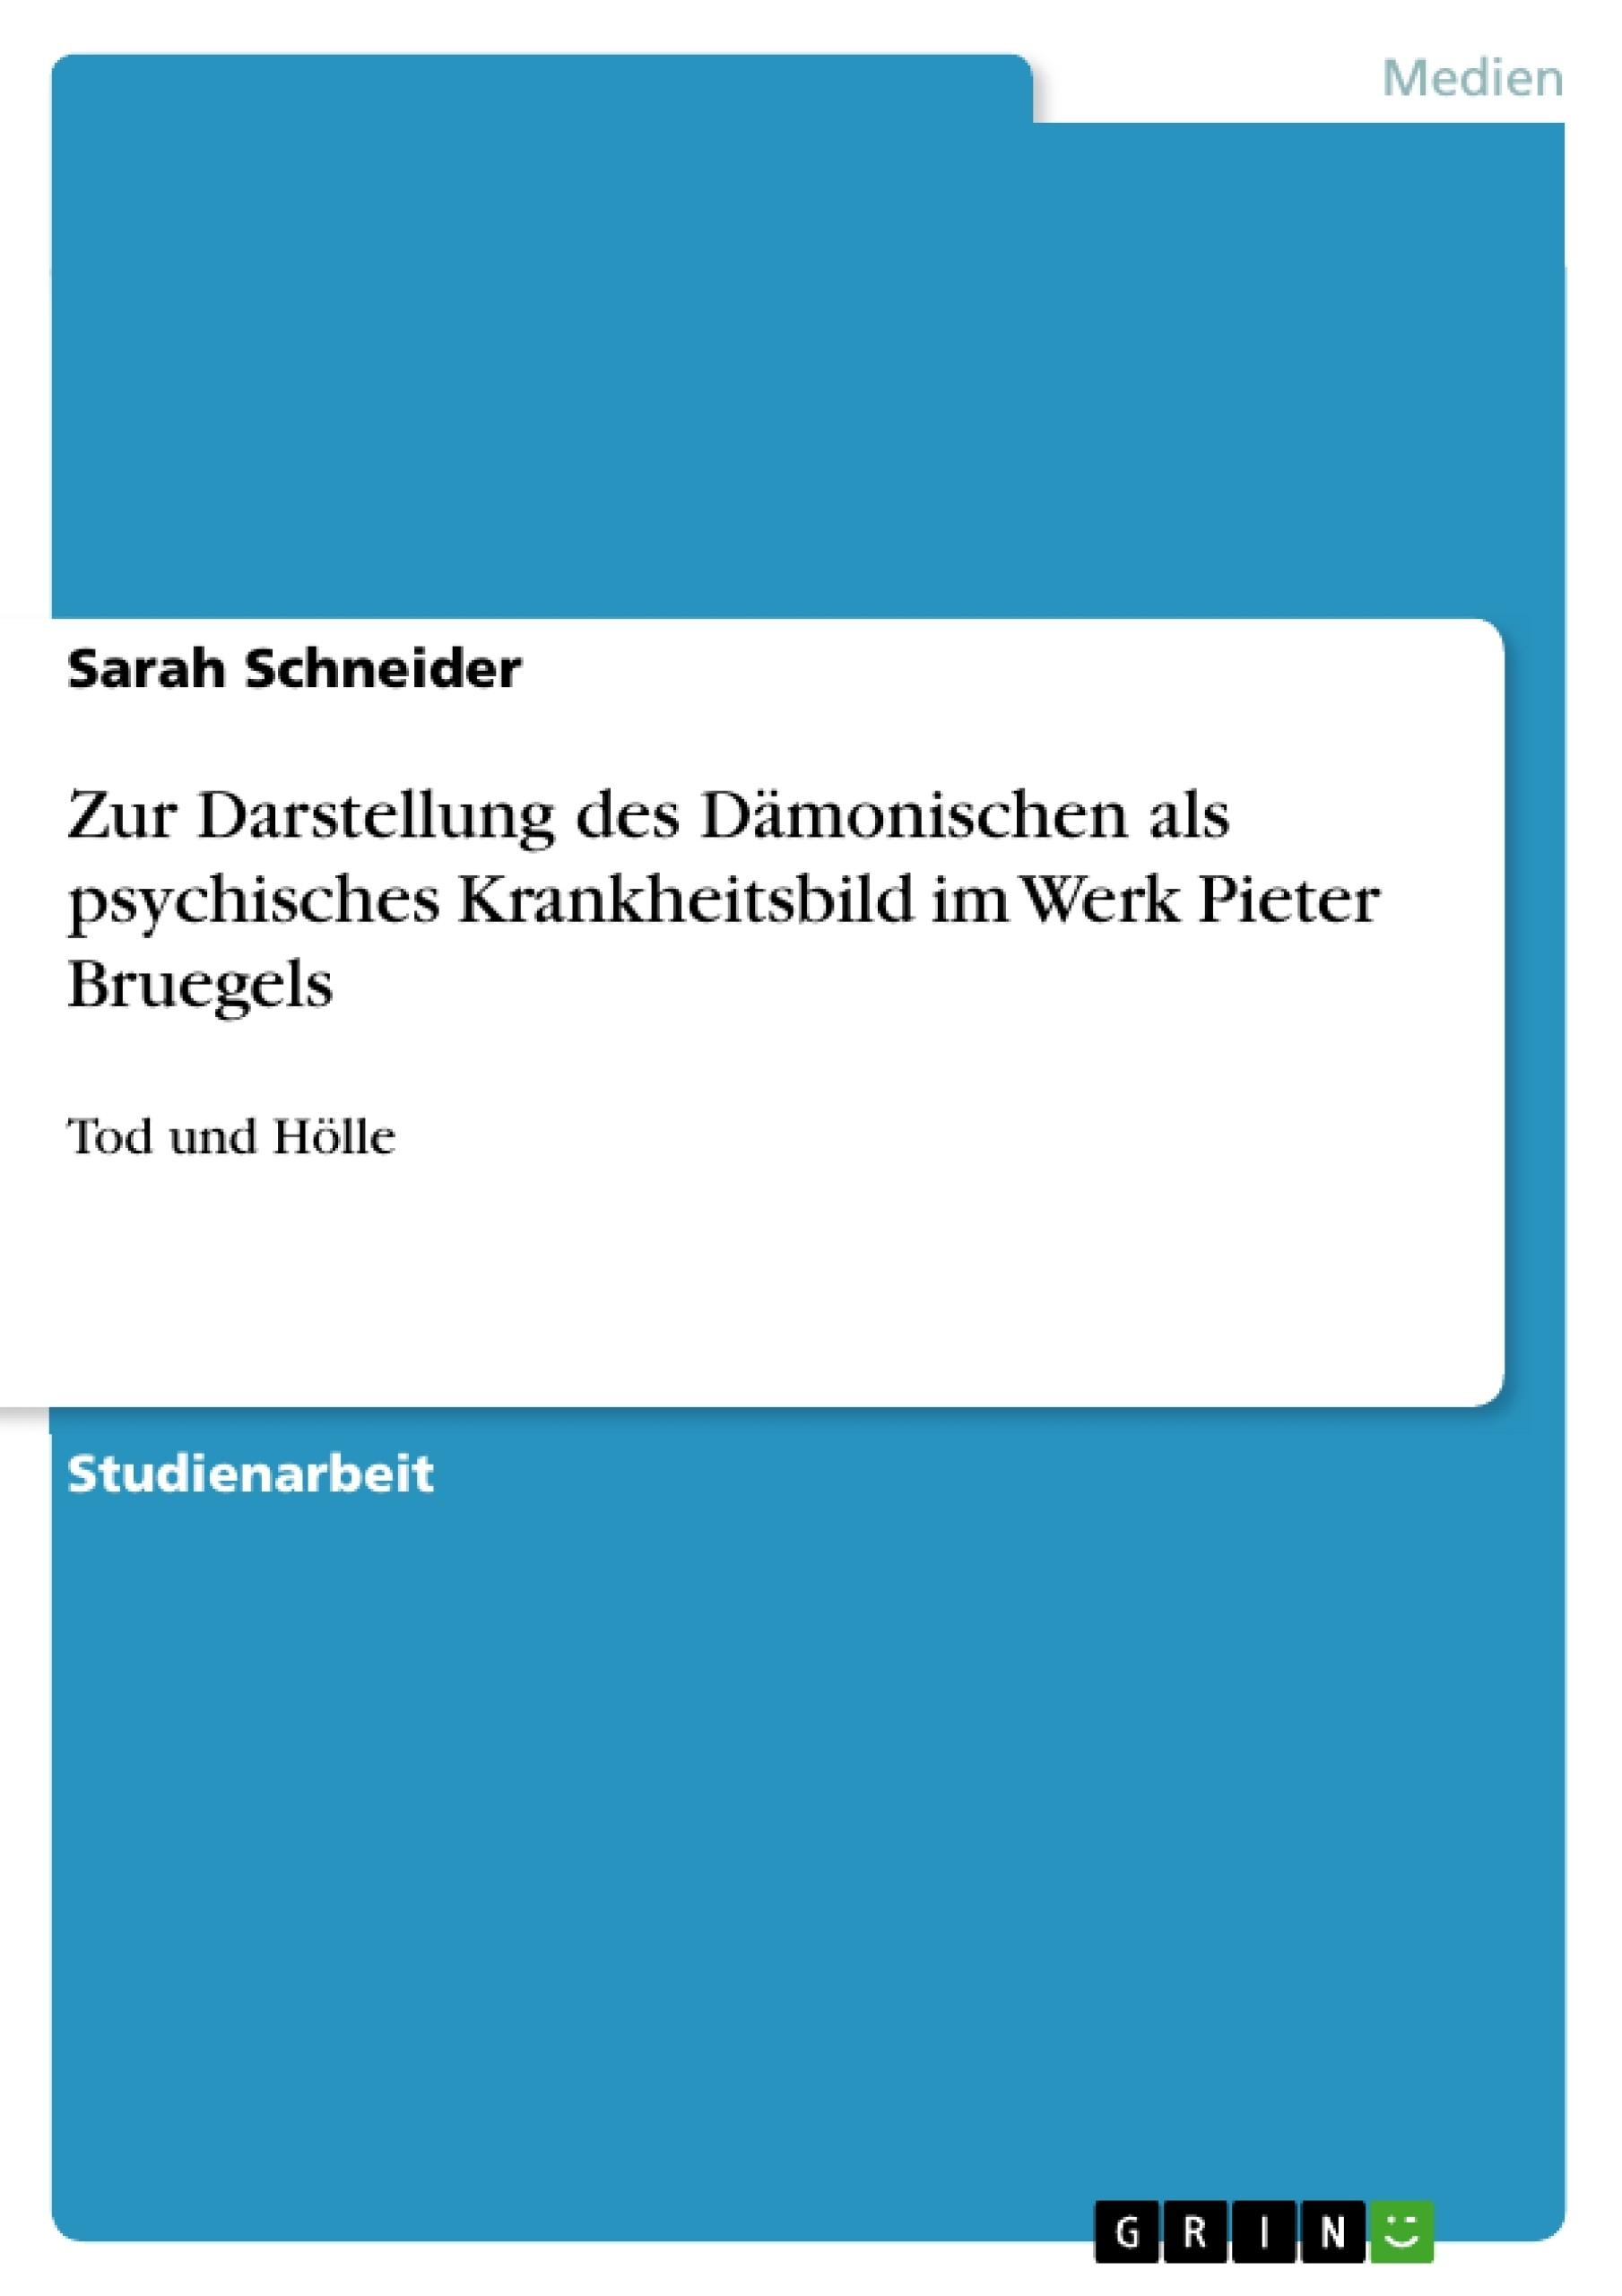 Titel: Zur Darstellung des Dämonischen als psychisches Krankheitsbild im Werk Pieter Bruegels